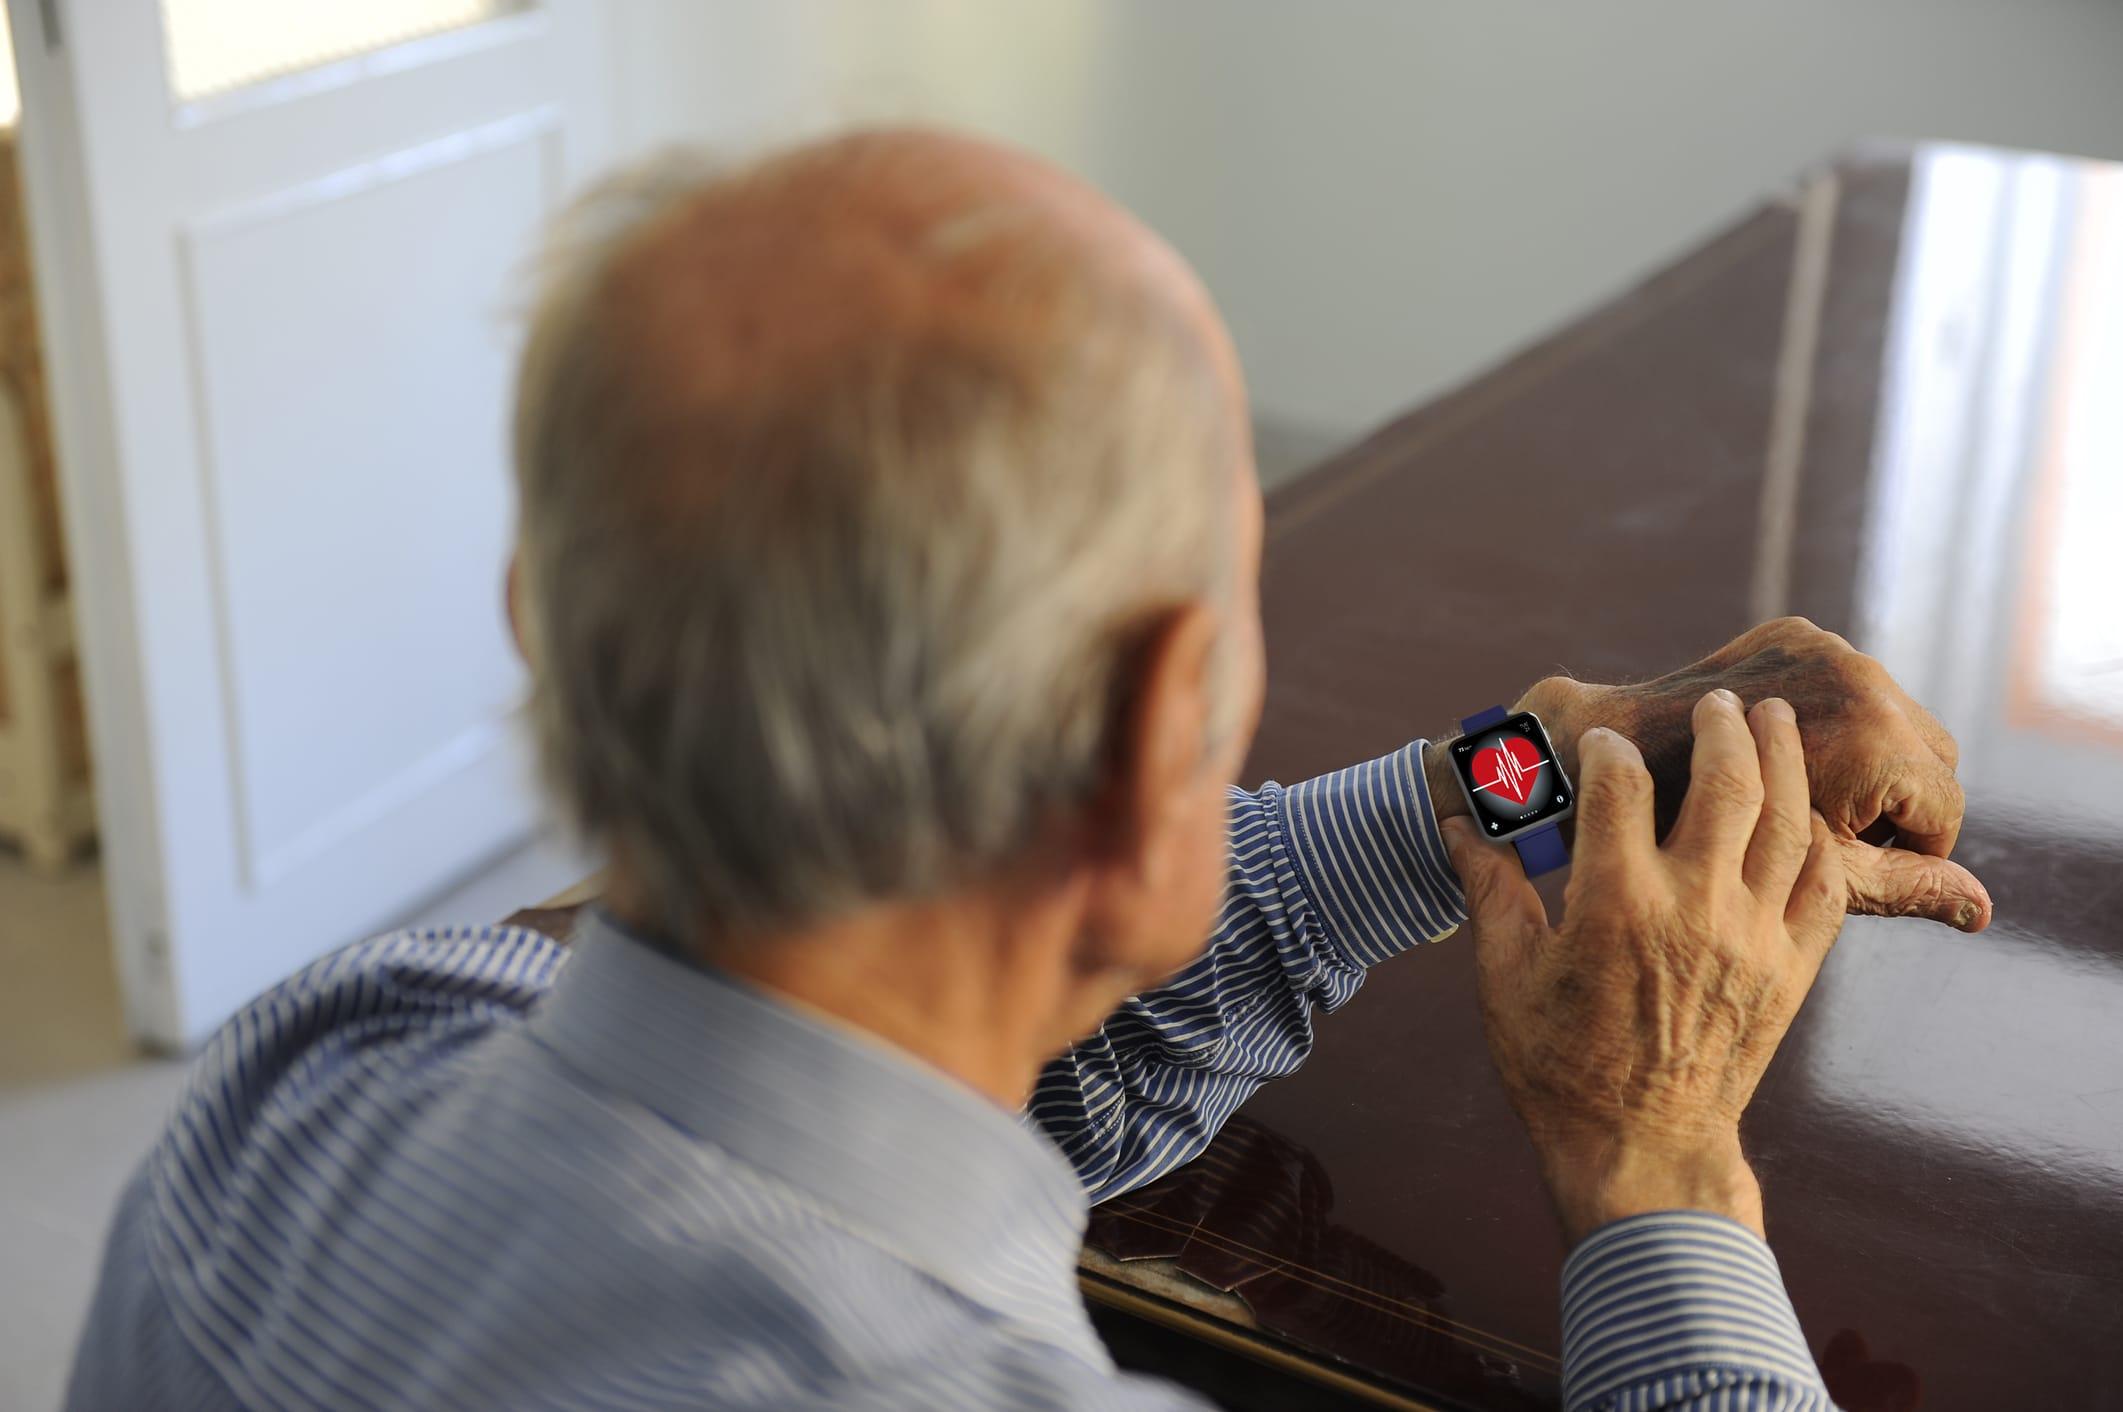 Elderly man and smart watch.